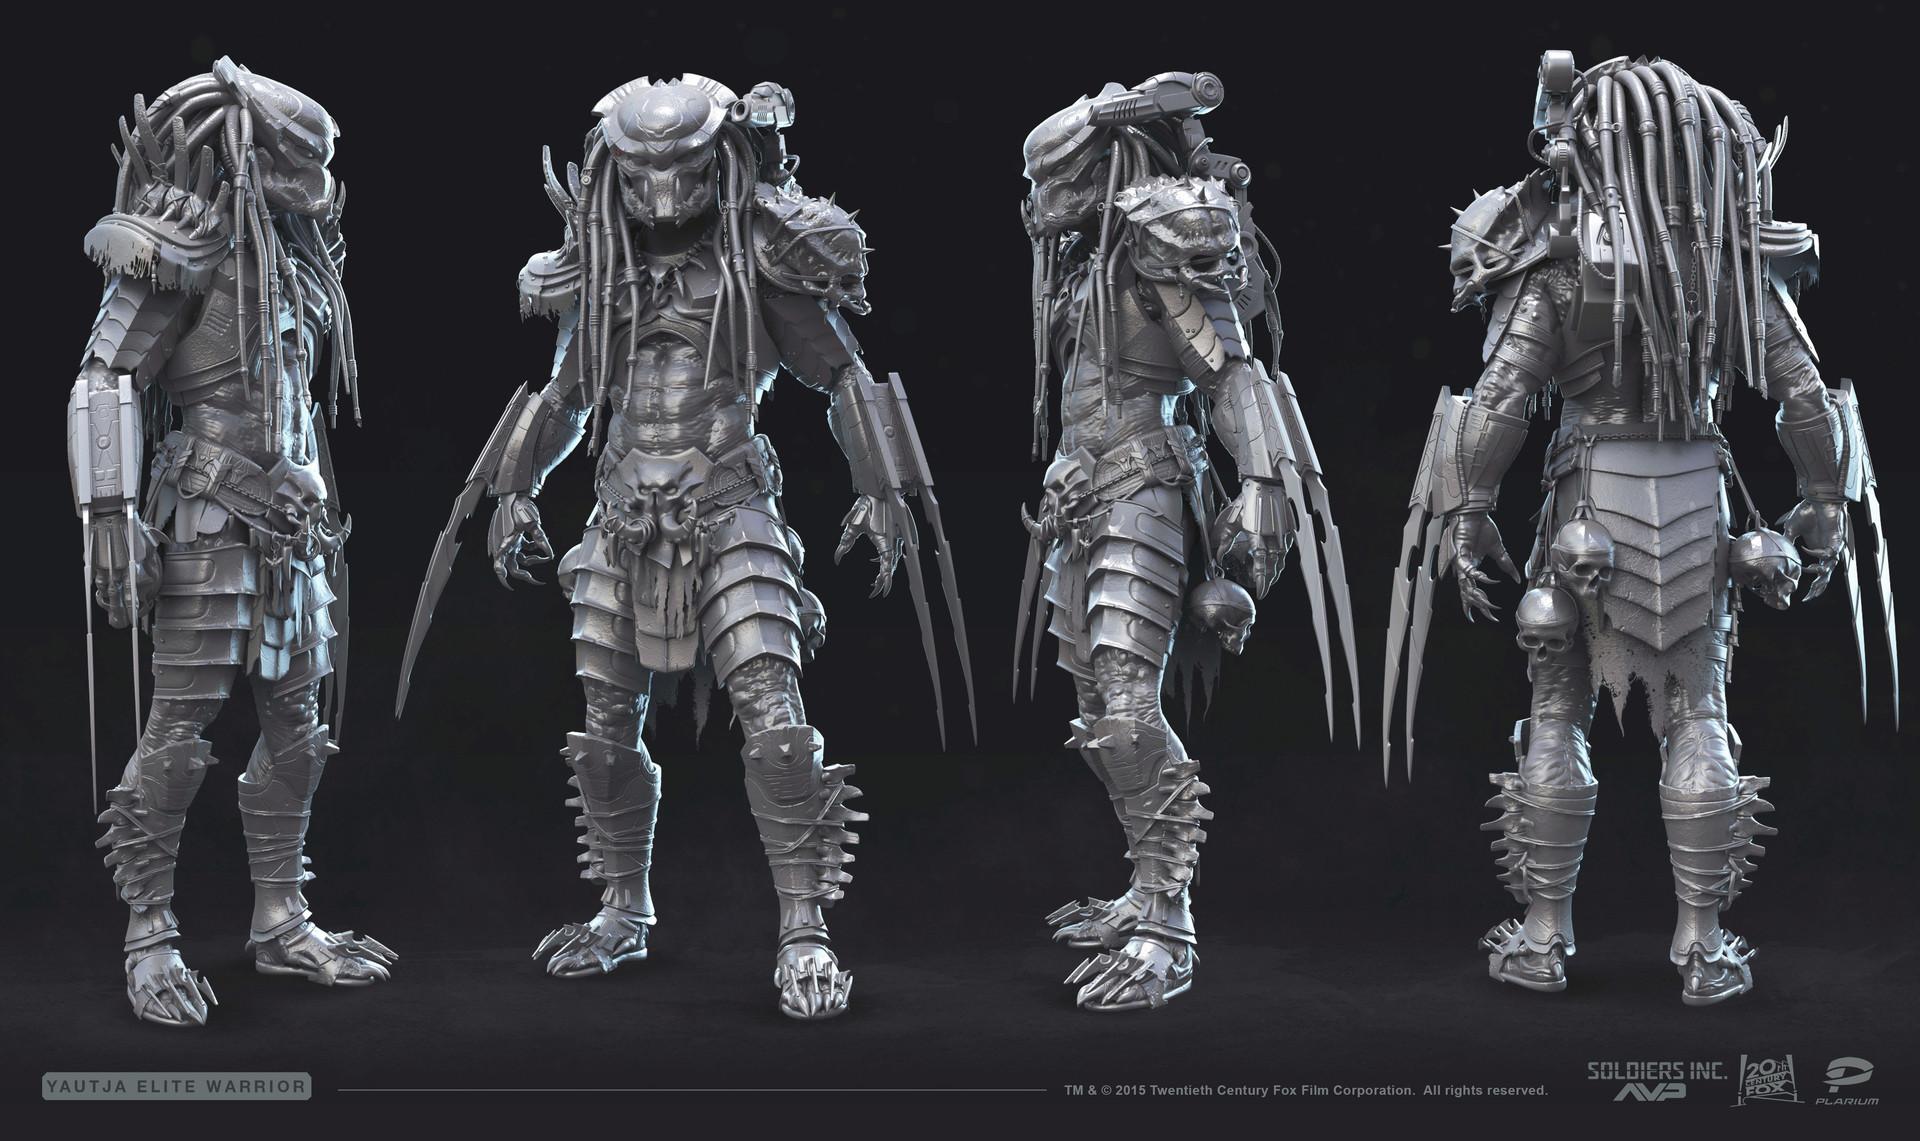 Wallpaper Monster Inc 3d Vladimir Silkin Predator Elite Warrior